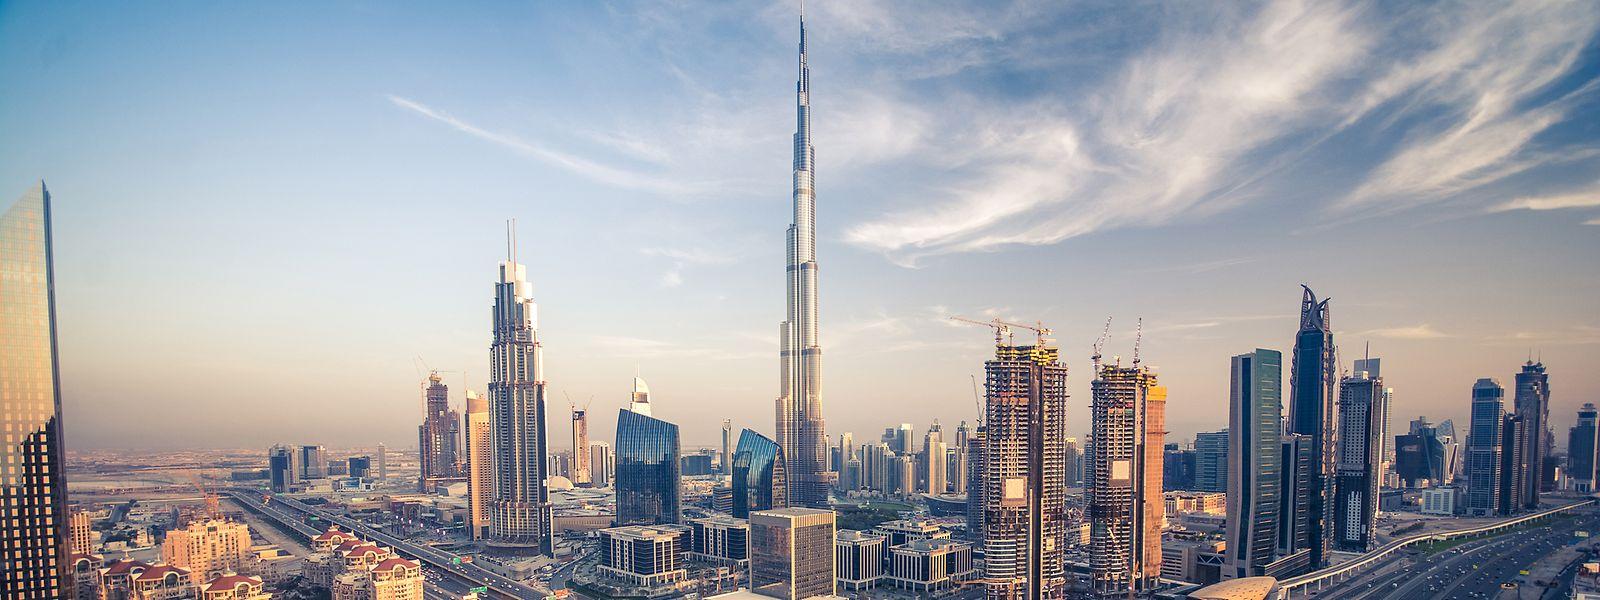 Früher umgeben von Sand und Weite, heute nur die Spitze des Eisbergs: das Burj Khalifa.